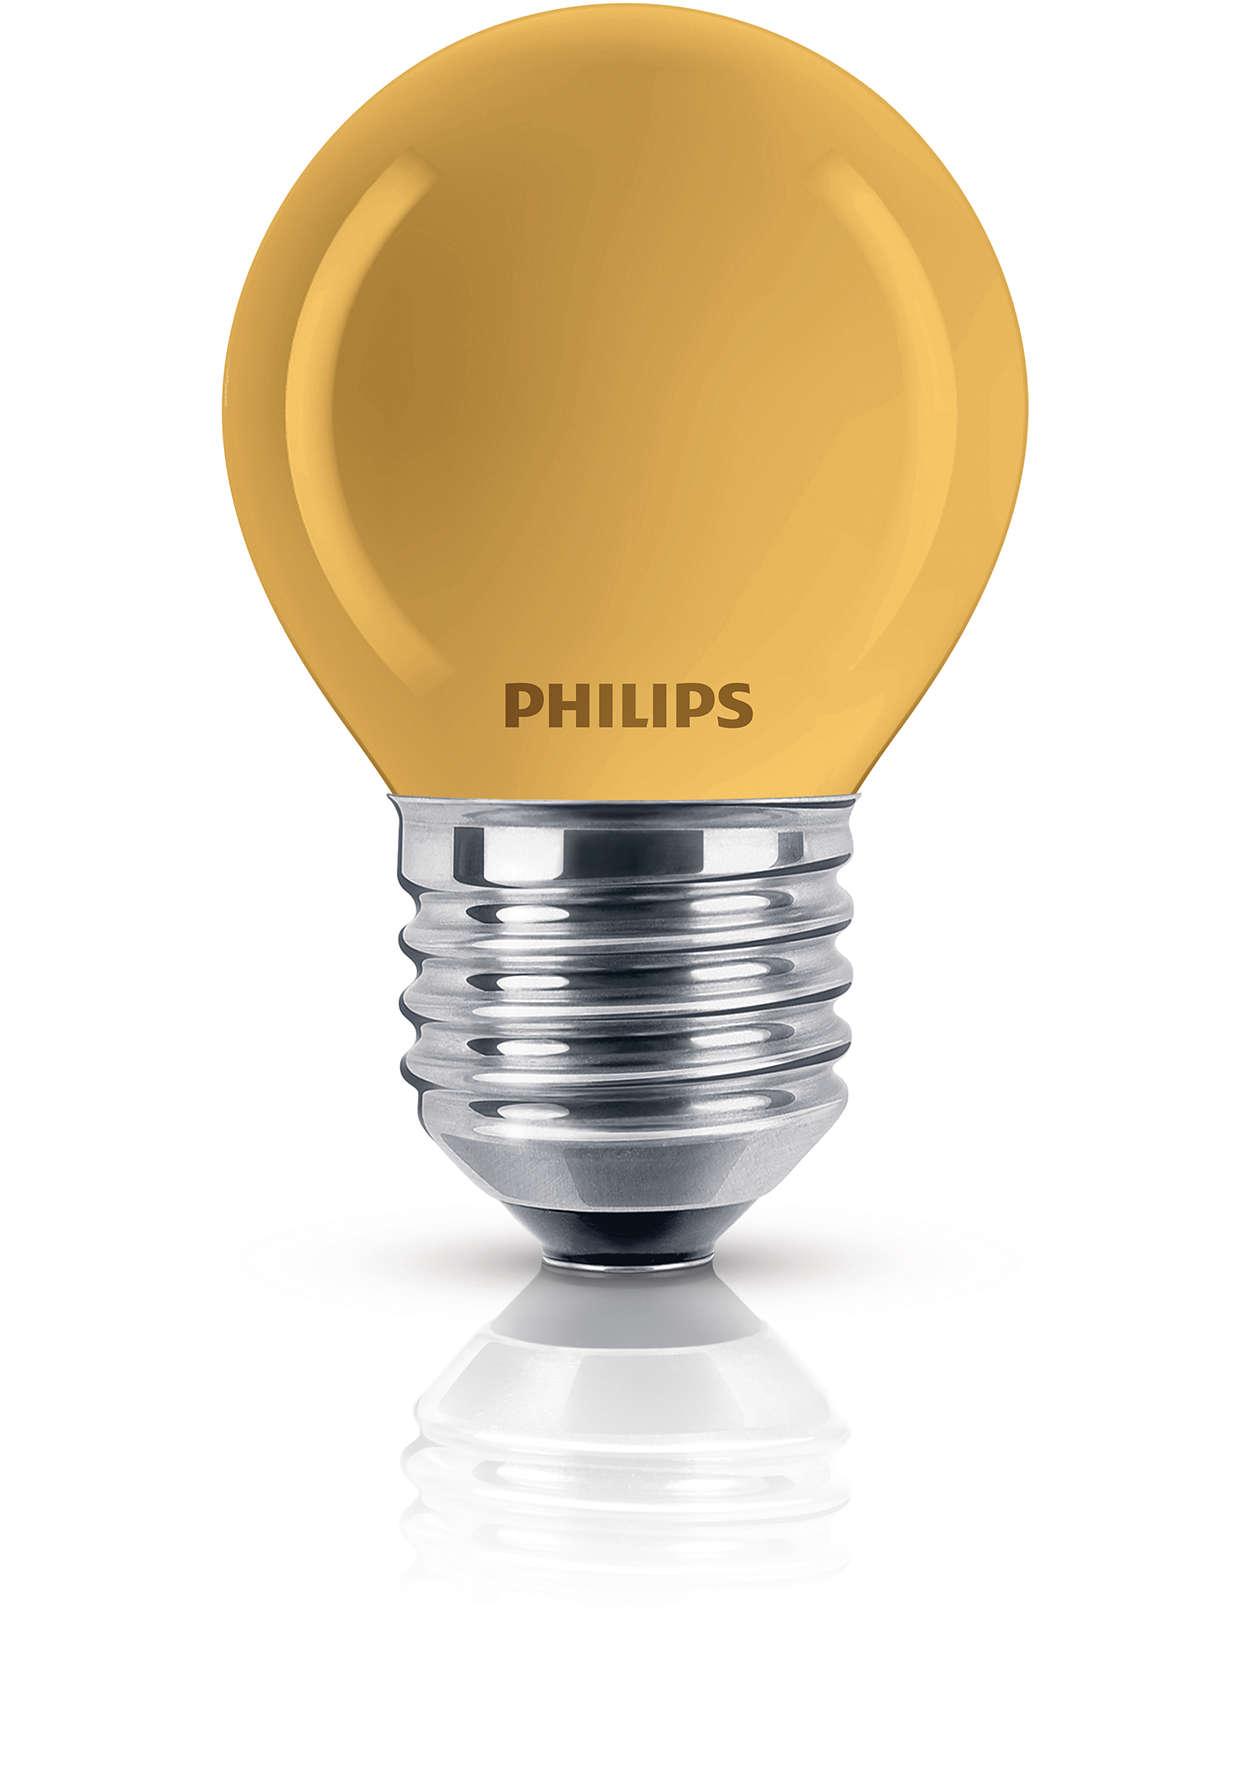 Spalvota sietynams pritaikyta lemputė